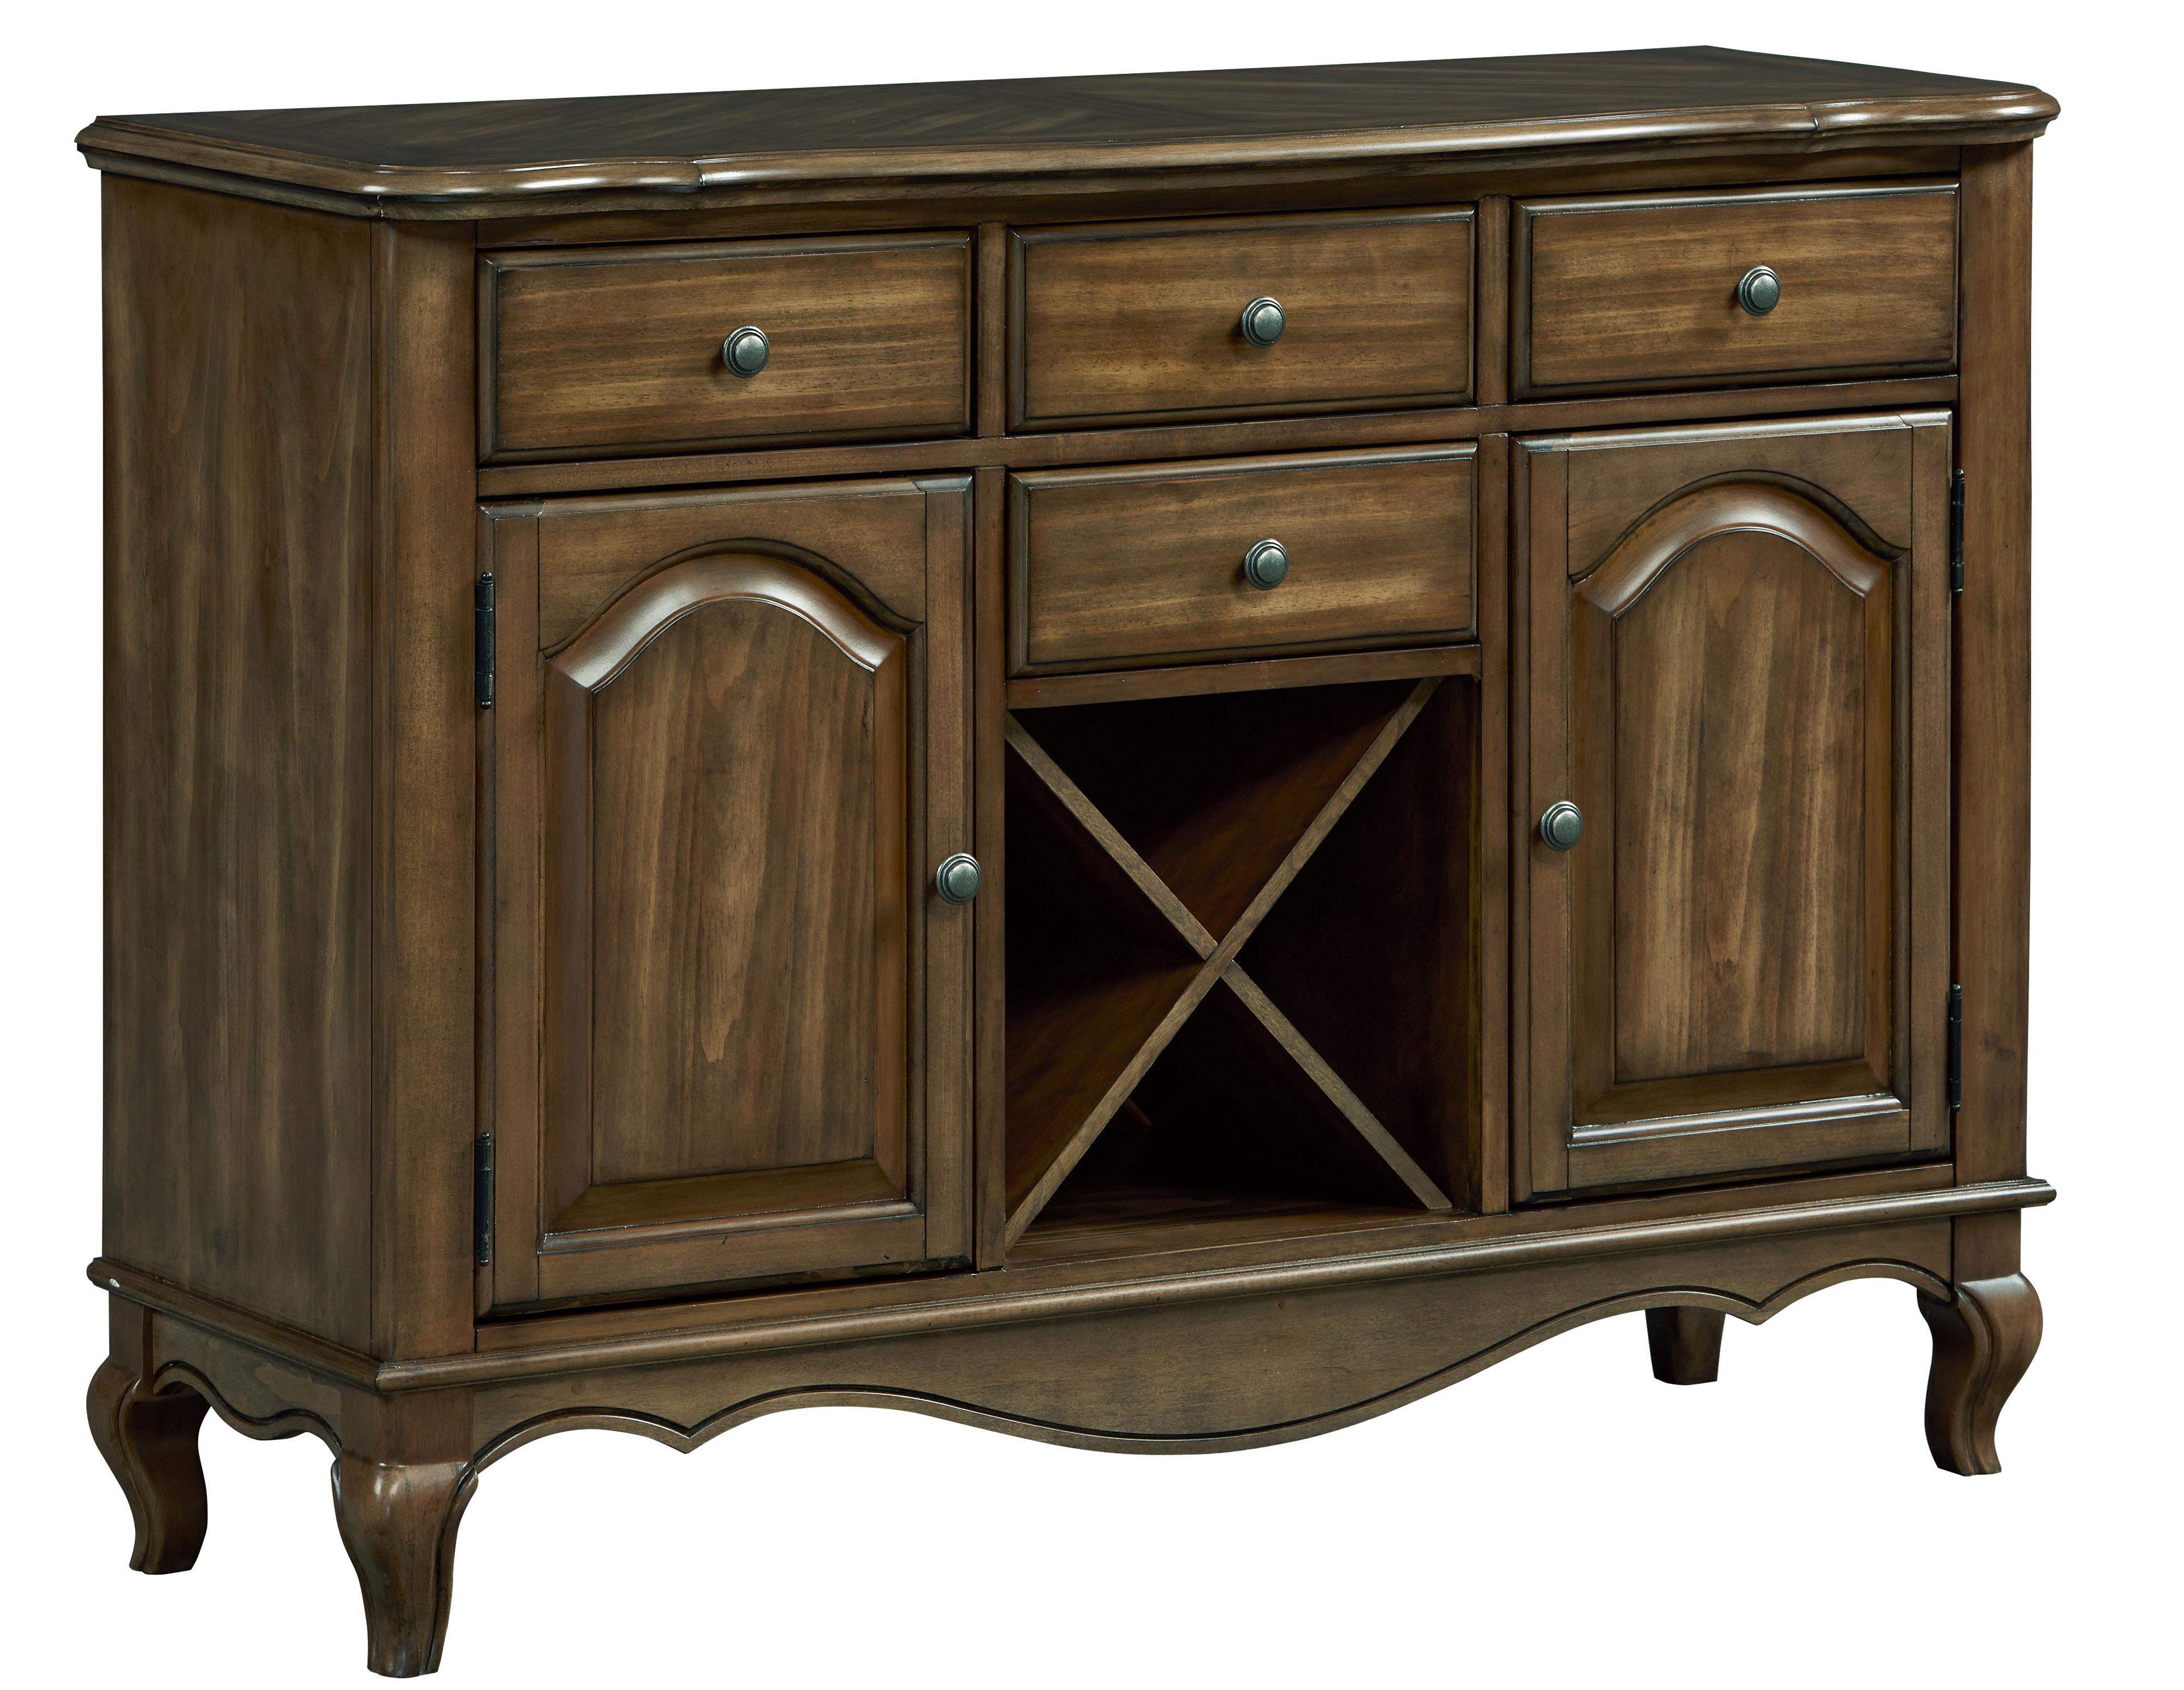 Standard Furniture Monterey Sideboard       - Item Number: 14362